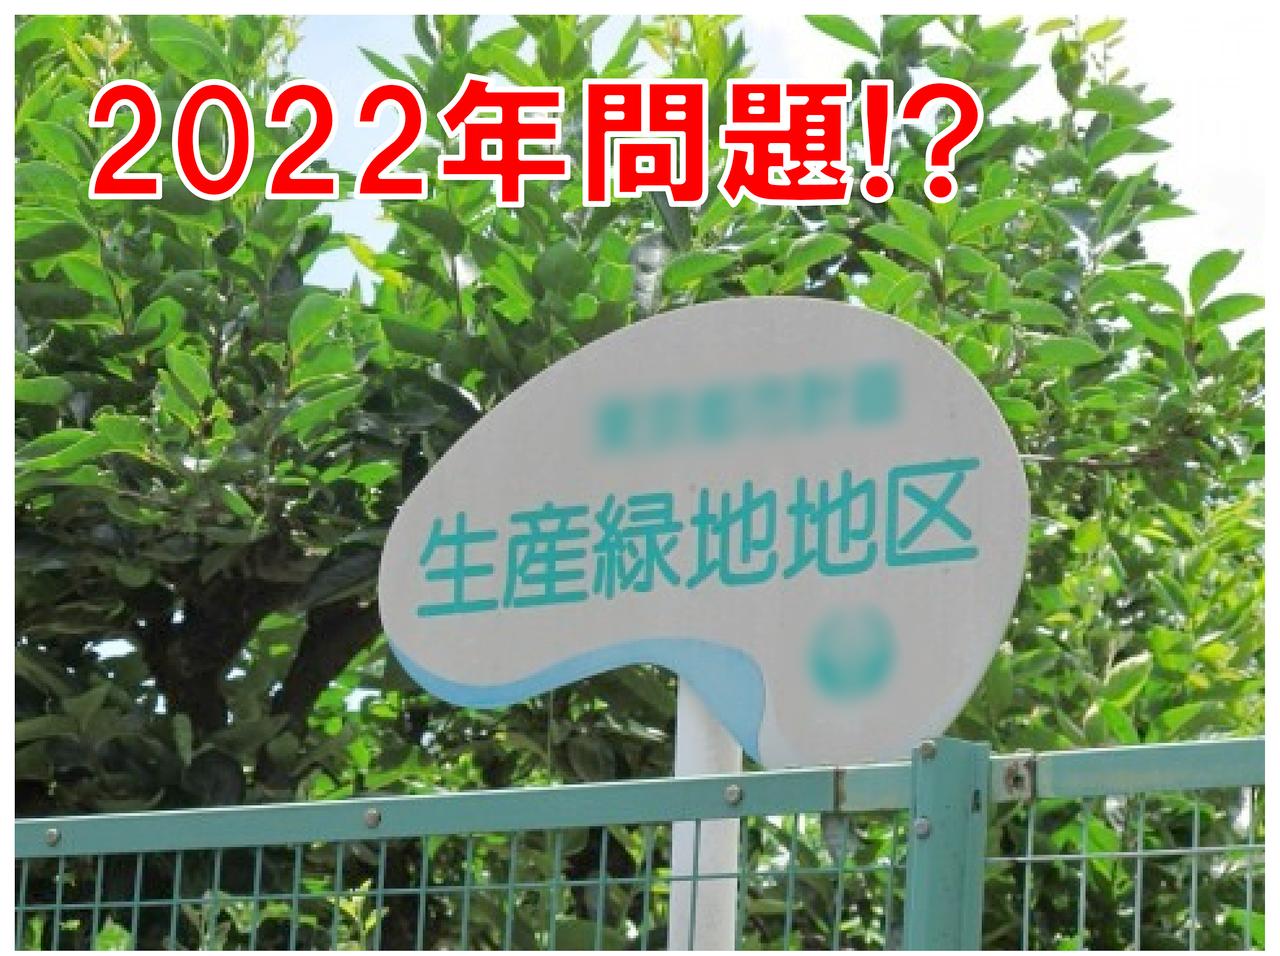 【みさと不動産プラス知っトク情報】2022年問題!? 全国的に宅地が大量発生する??